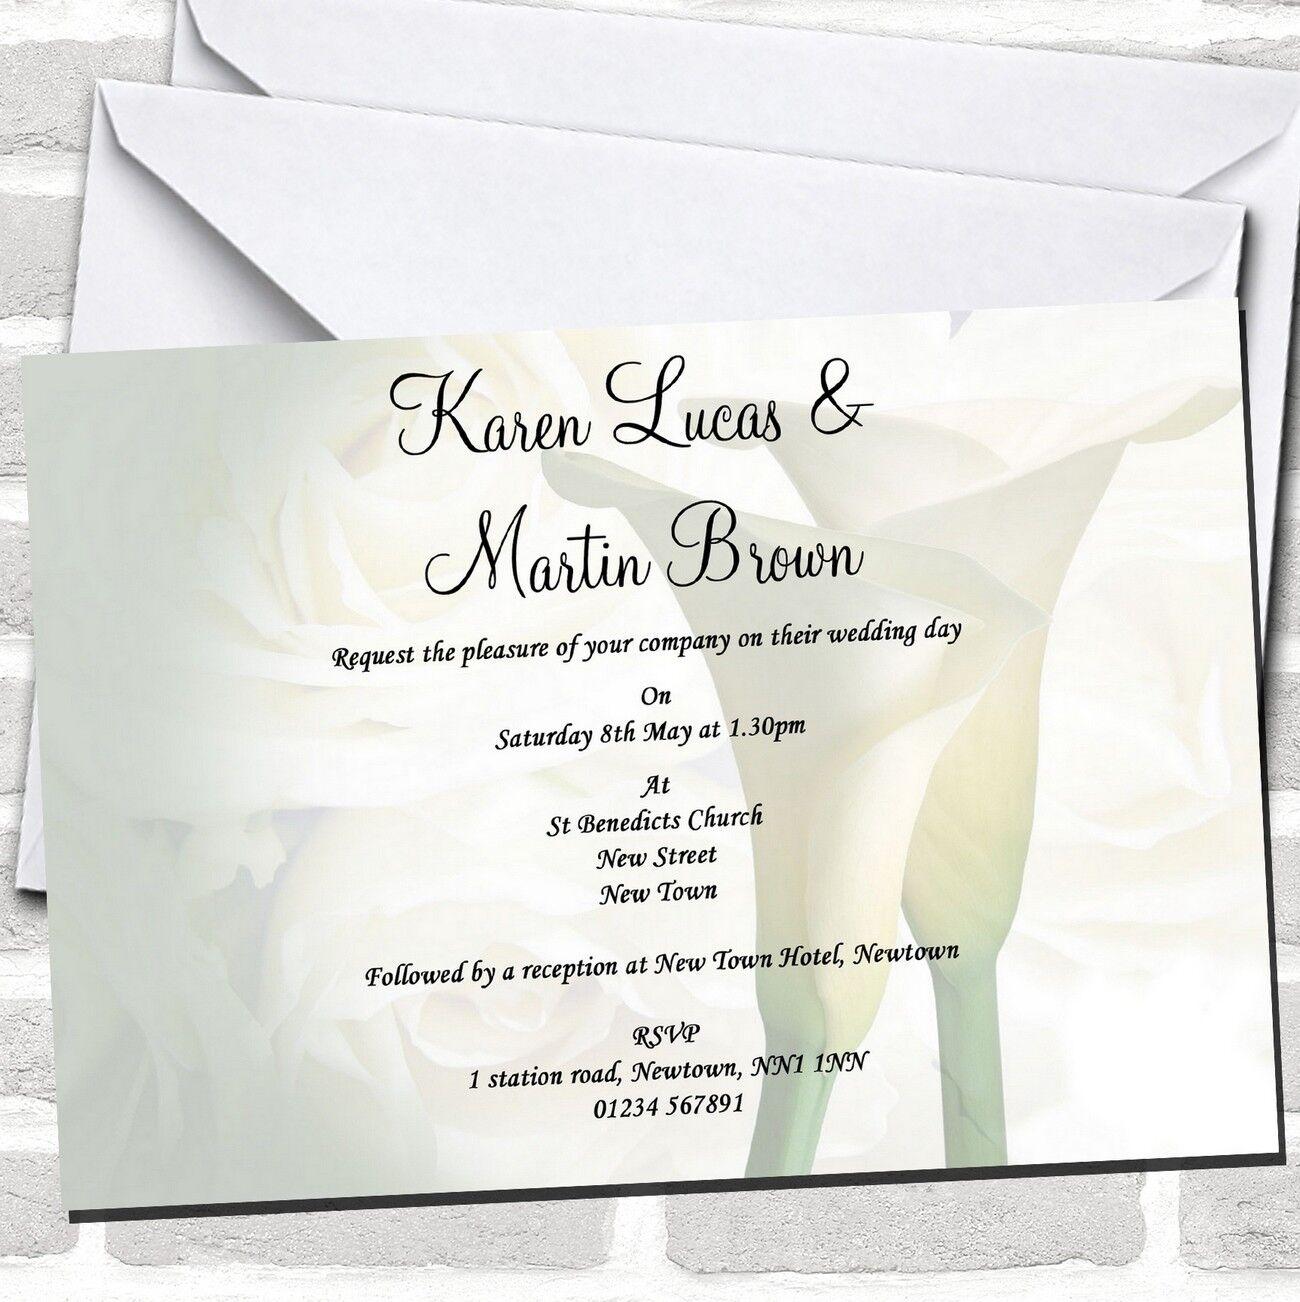 Invitaciones de boda blancoo Lily impresionante